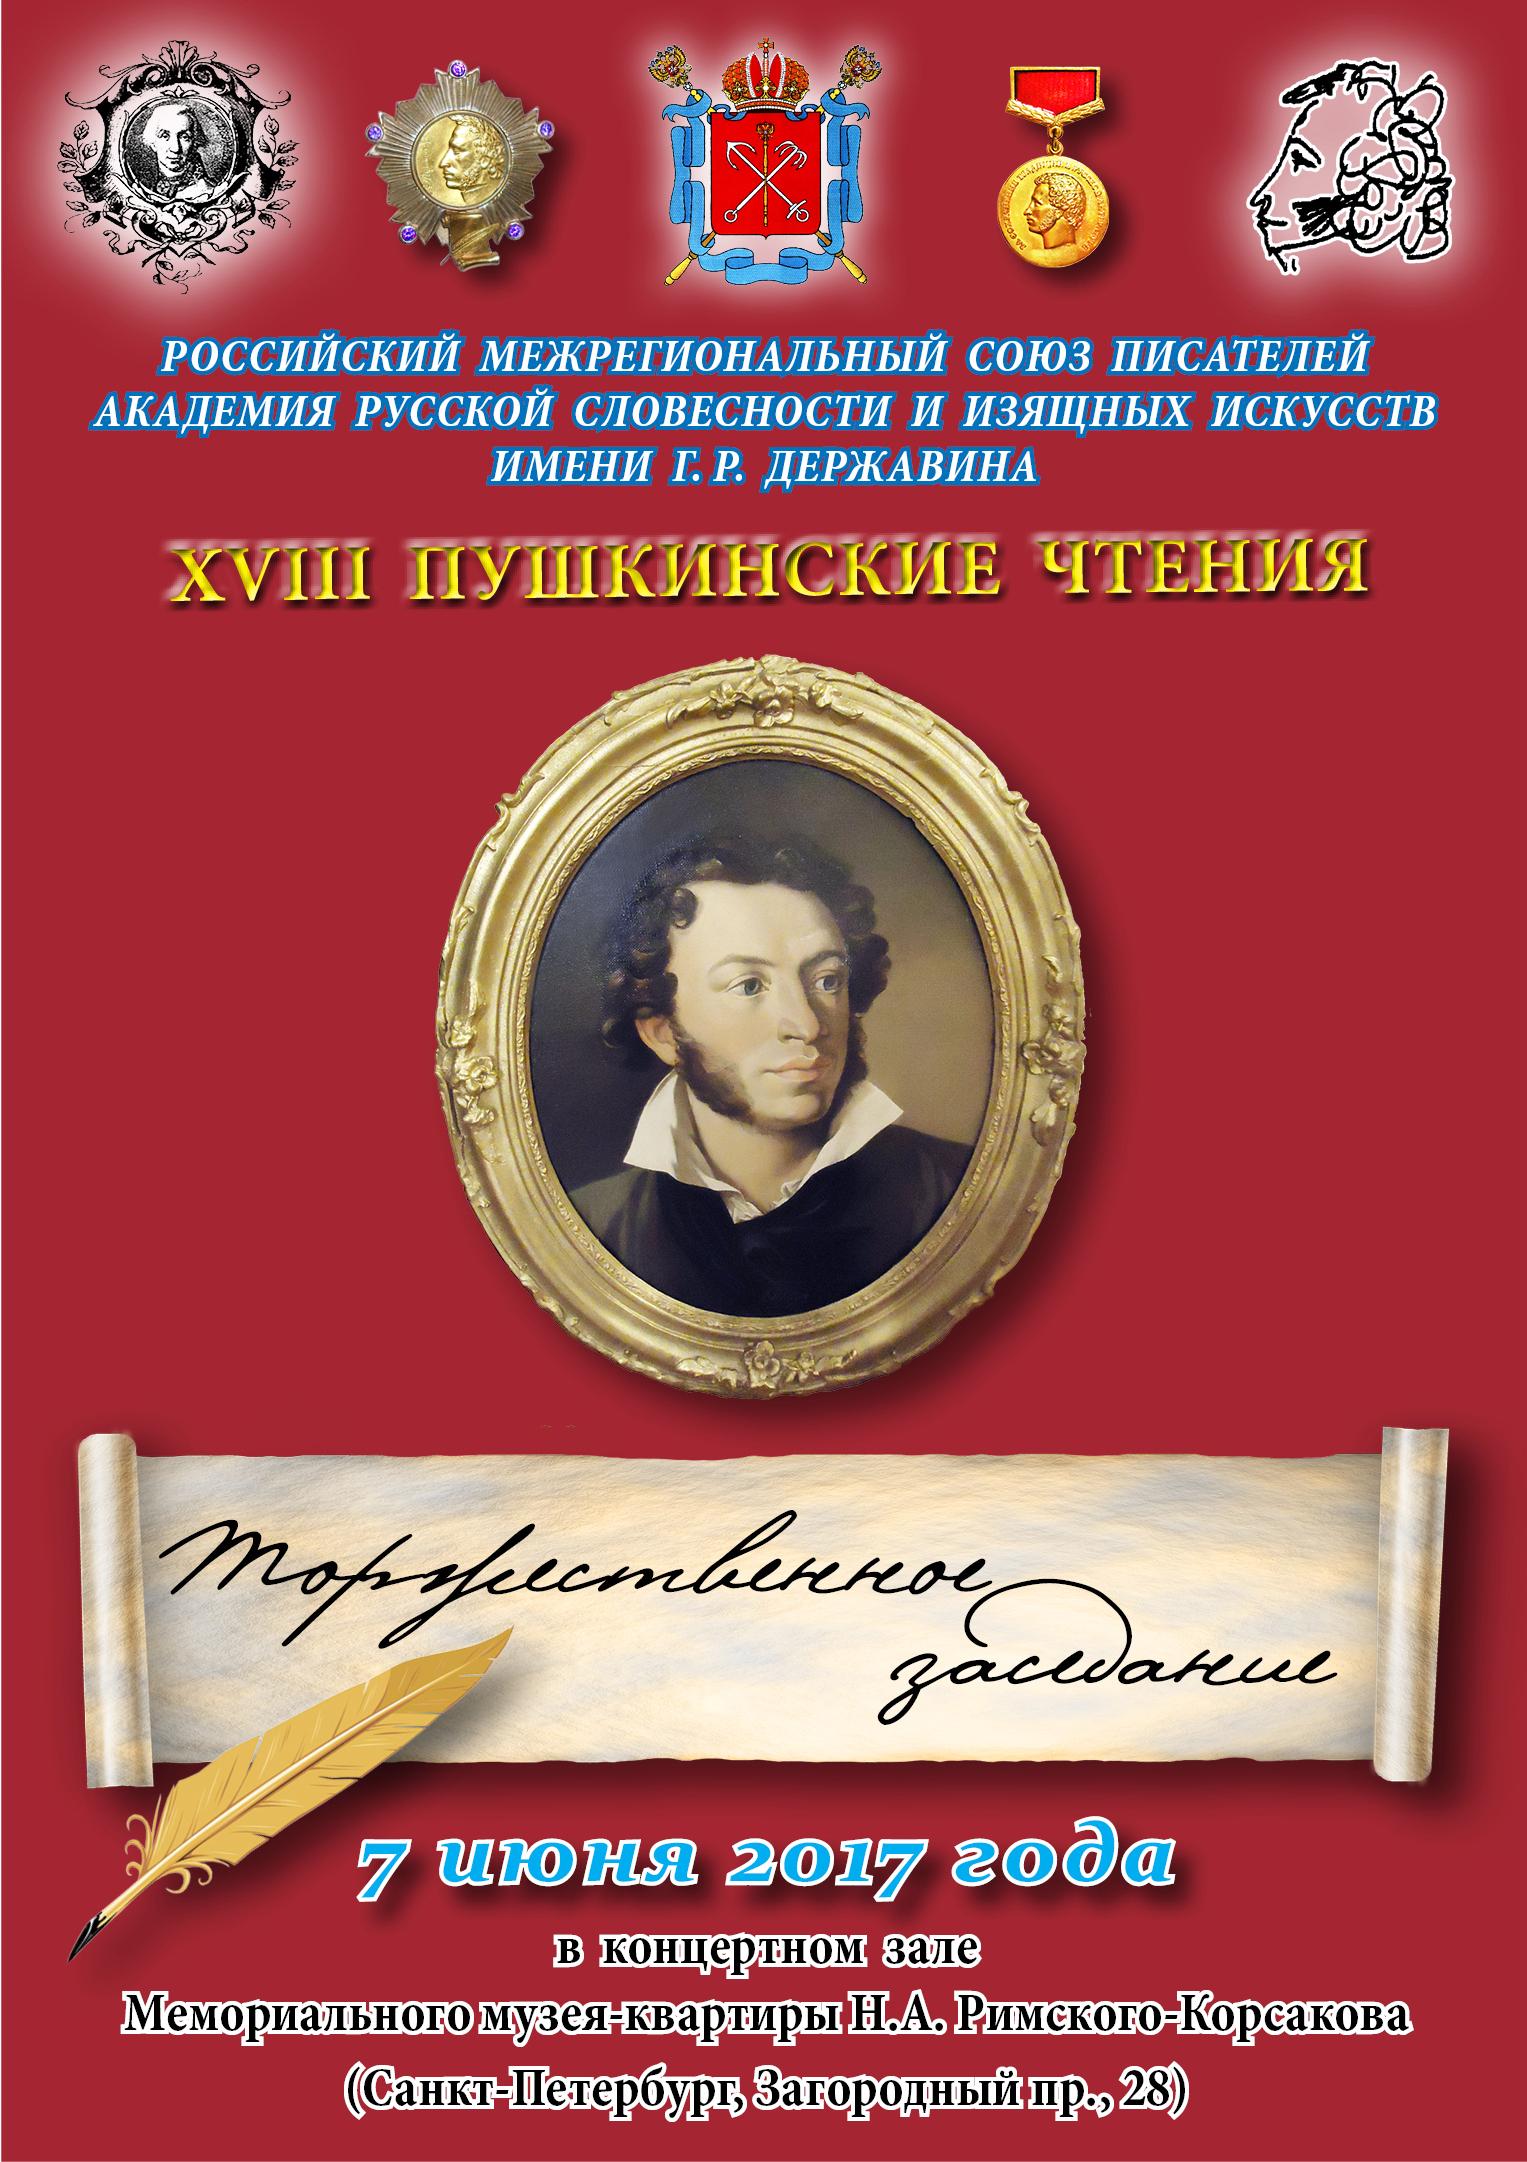 Вкладыш Пушк. чтения 2017